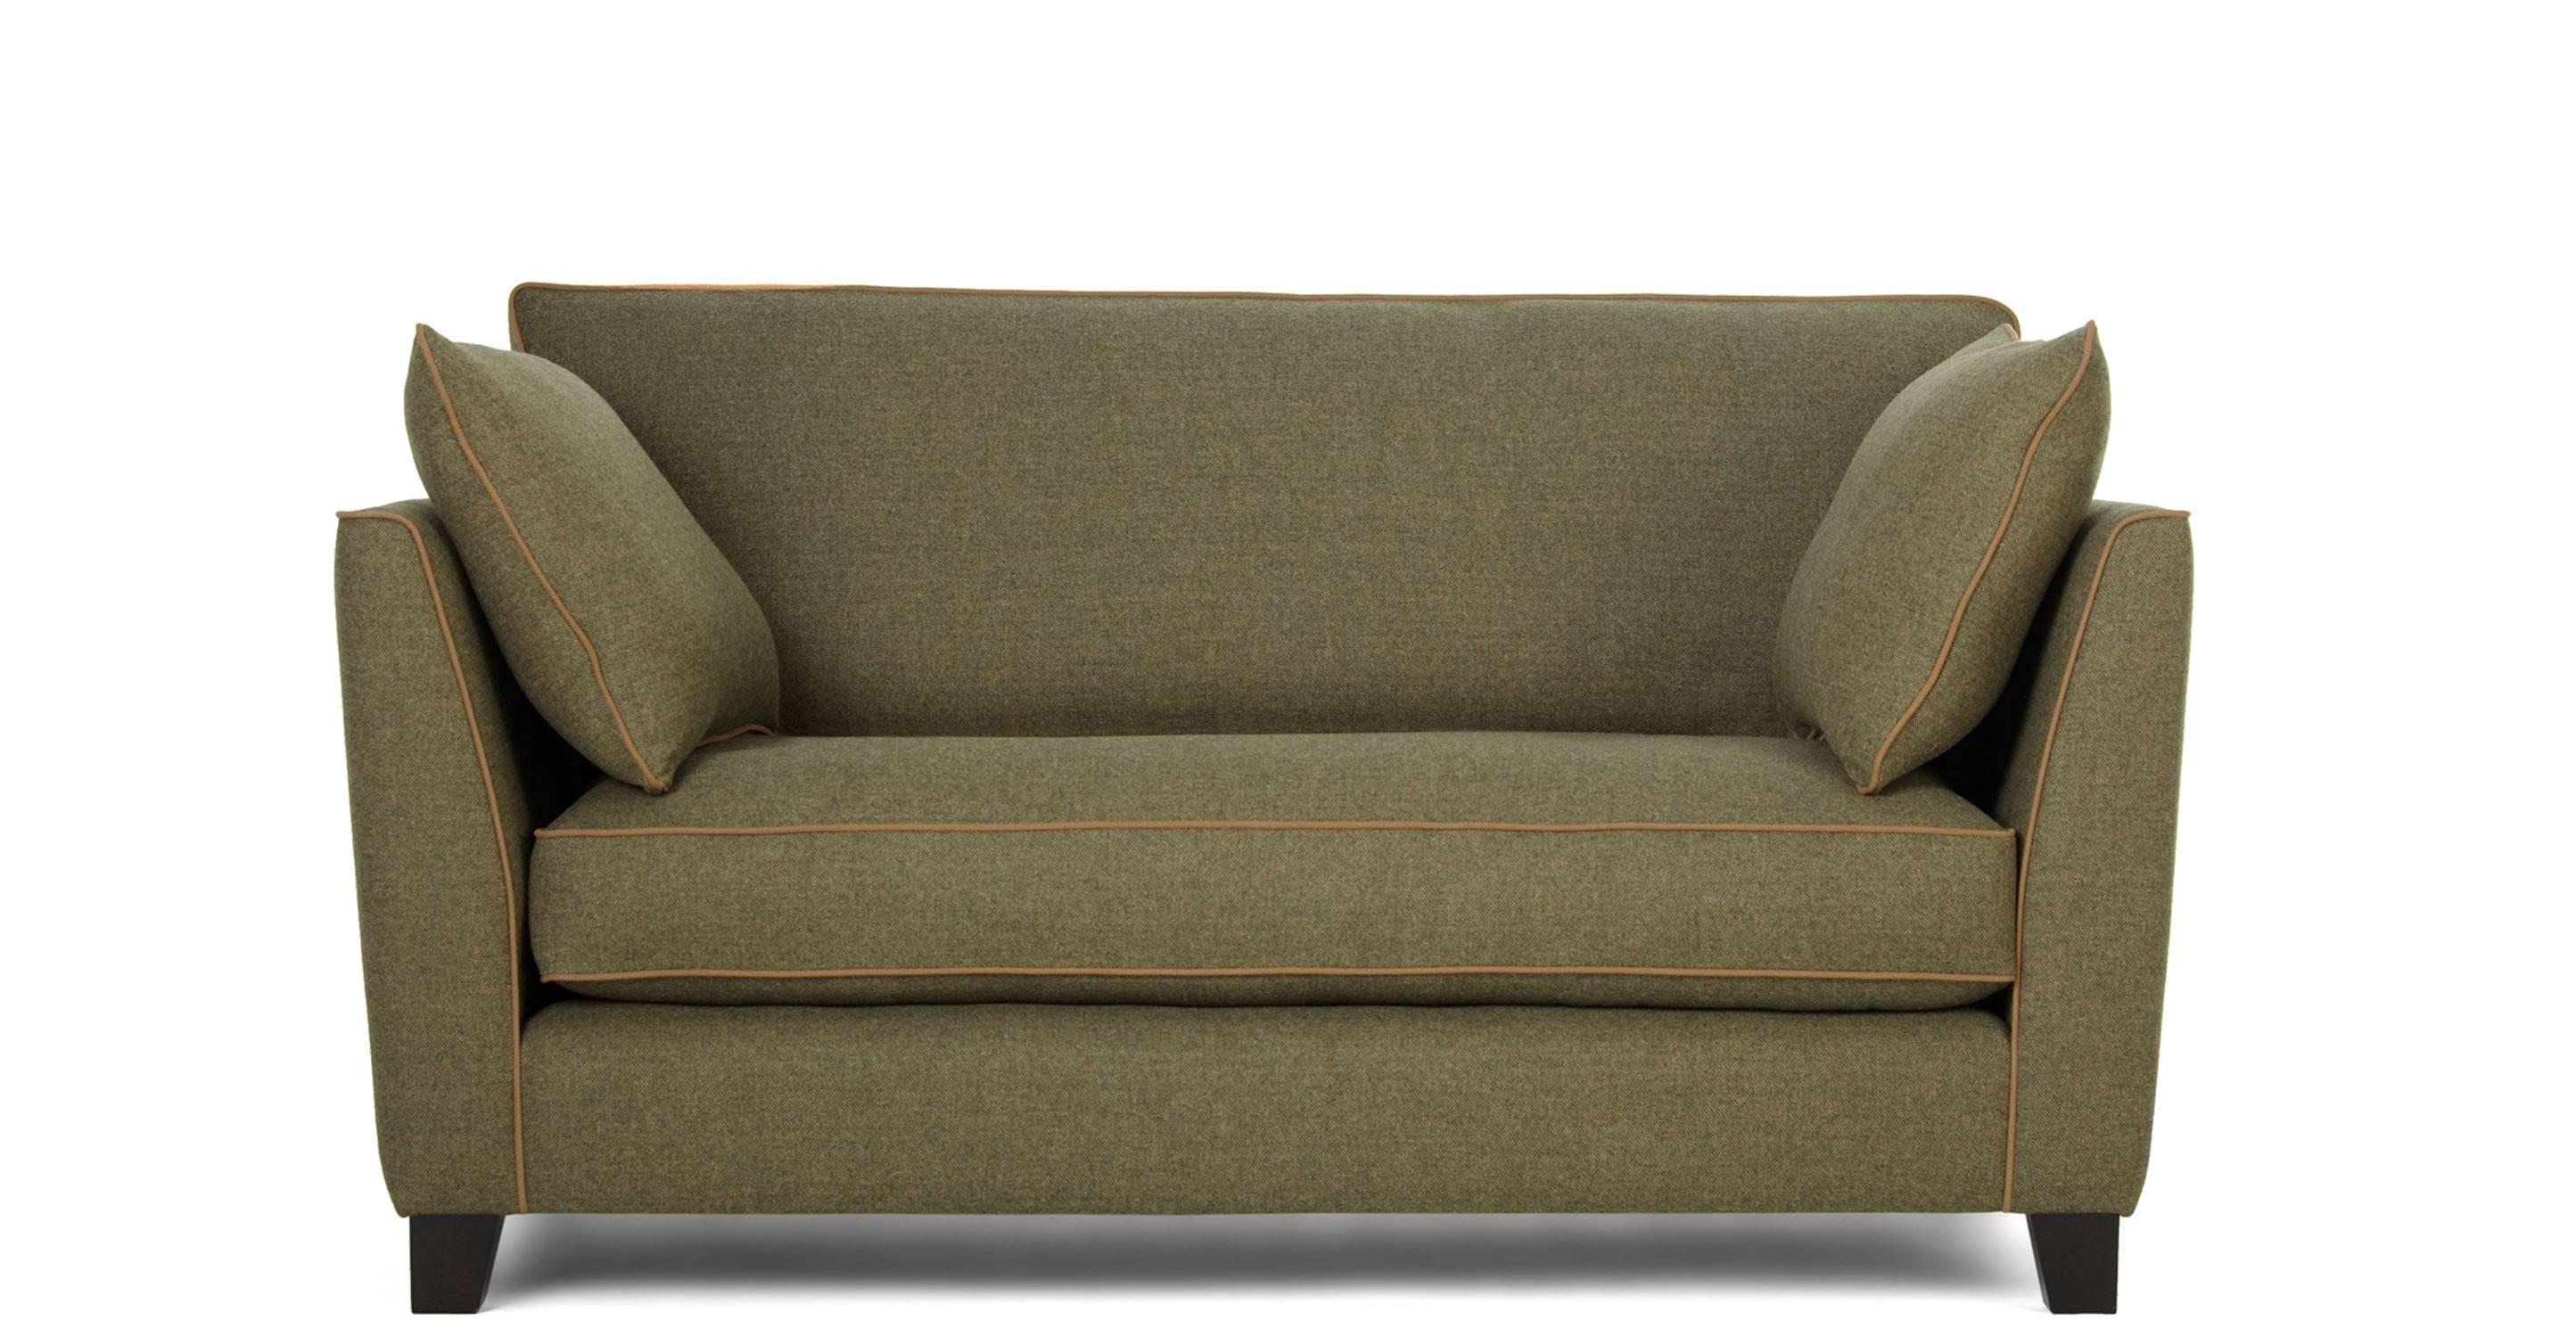 Sofas Center : Stupendous Small Seater Sofa Image Concept Sofas pertaining to Small 2 Seater Sofas (Image 29 of 30)